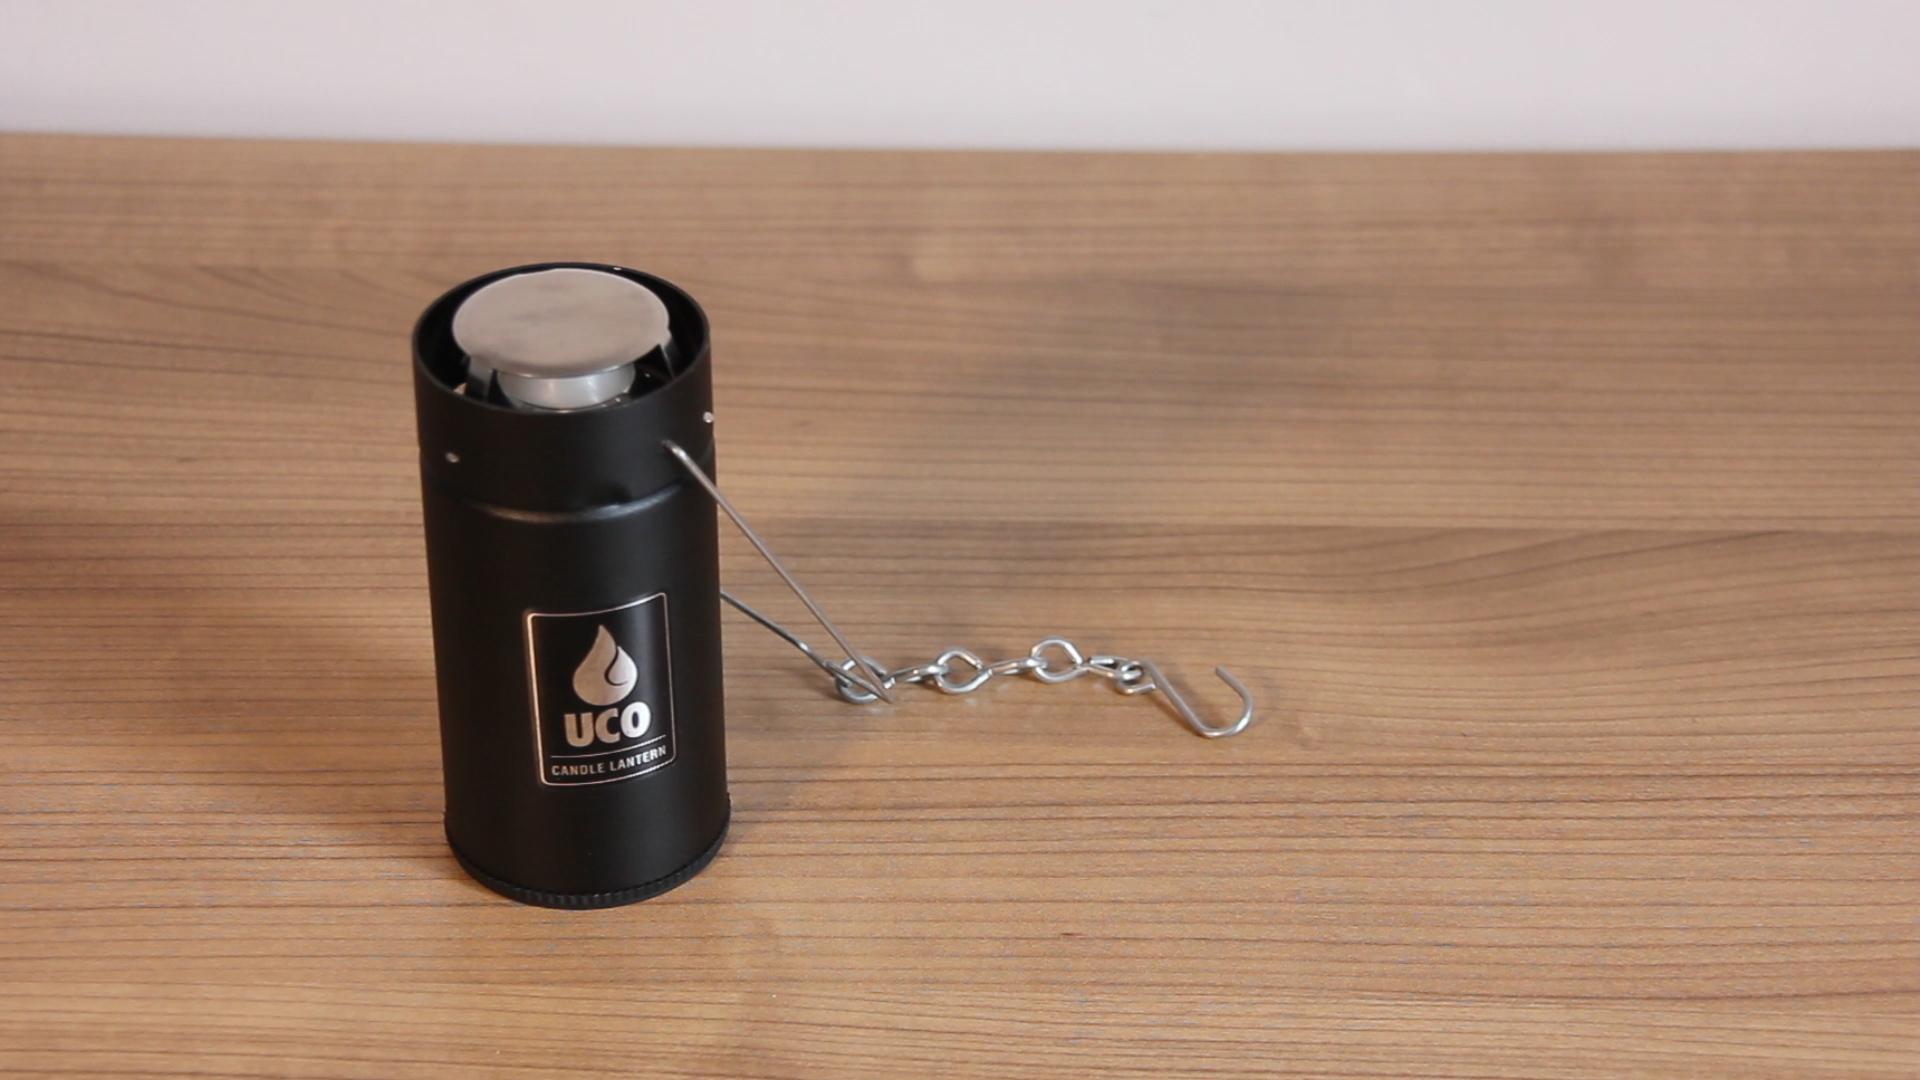 lanterne-bougie-uco